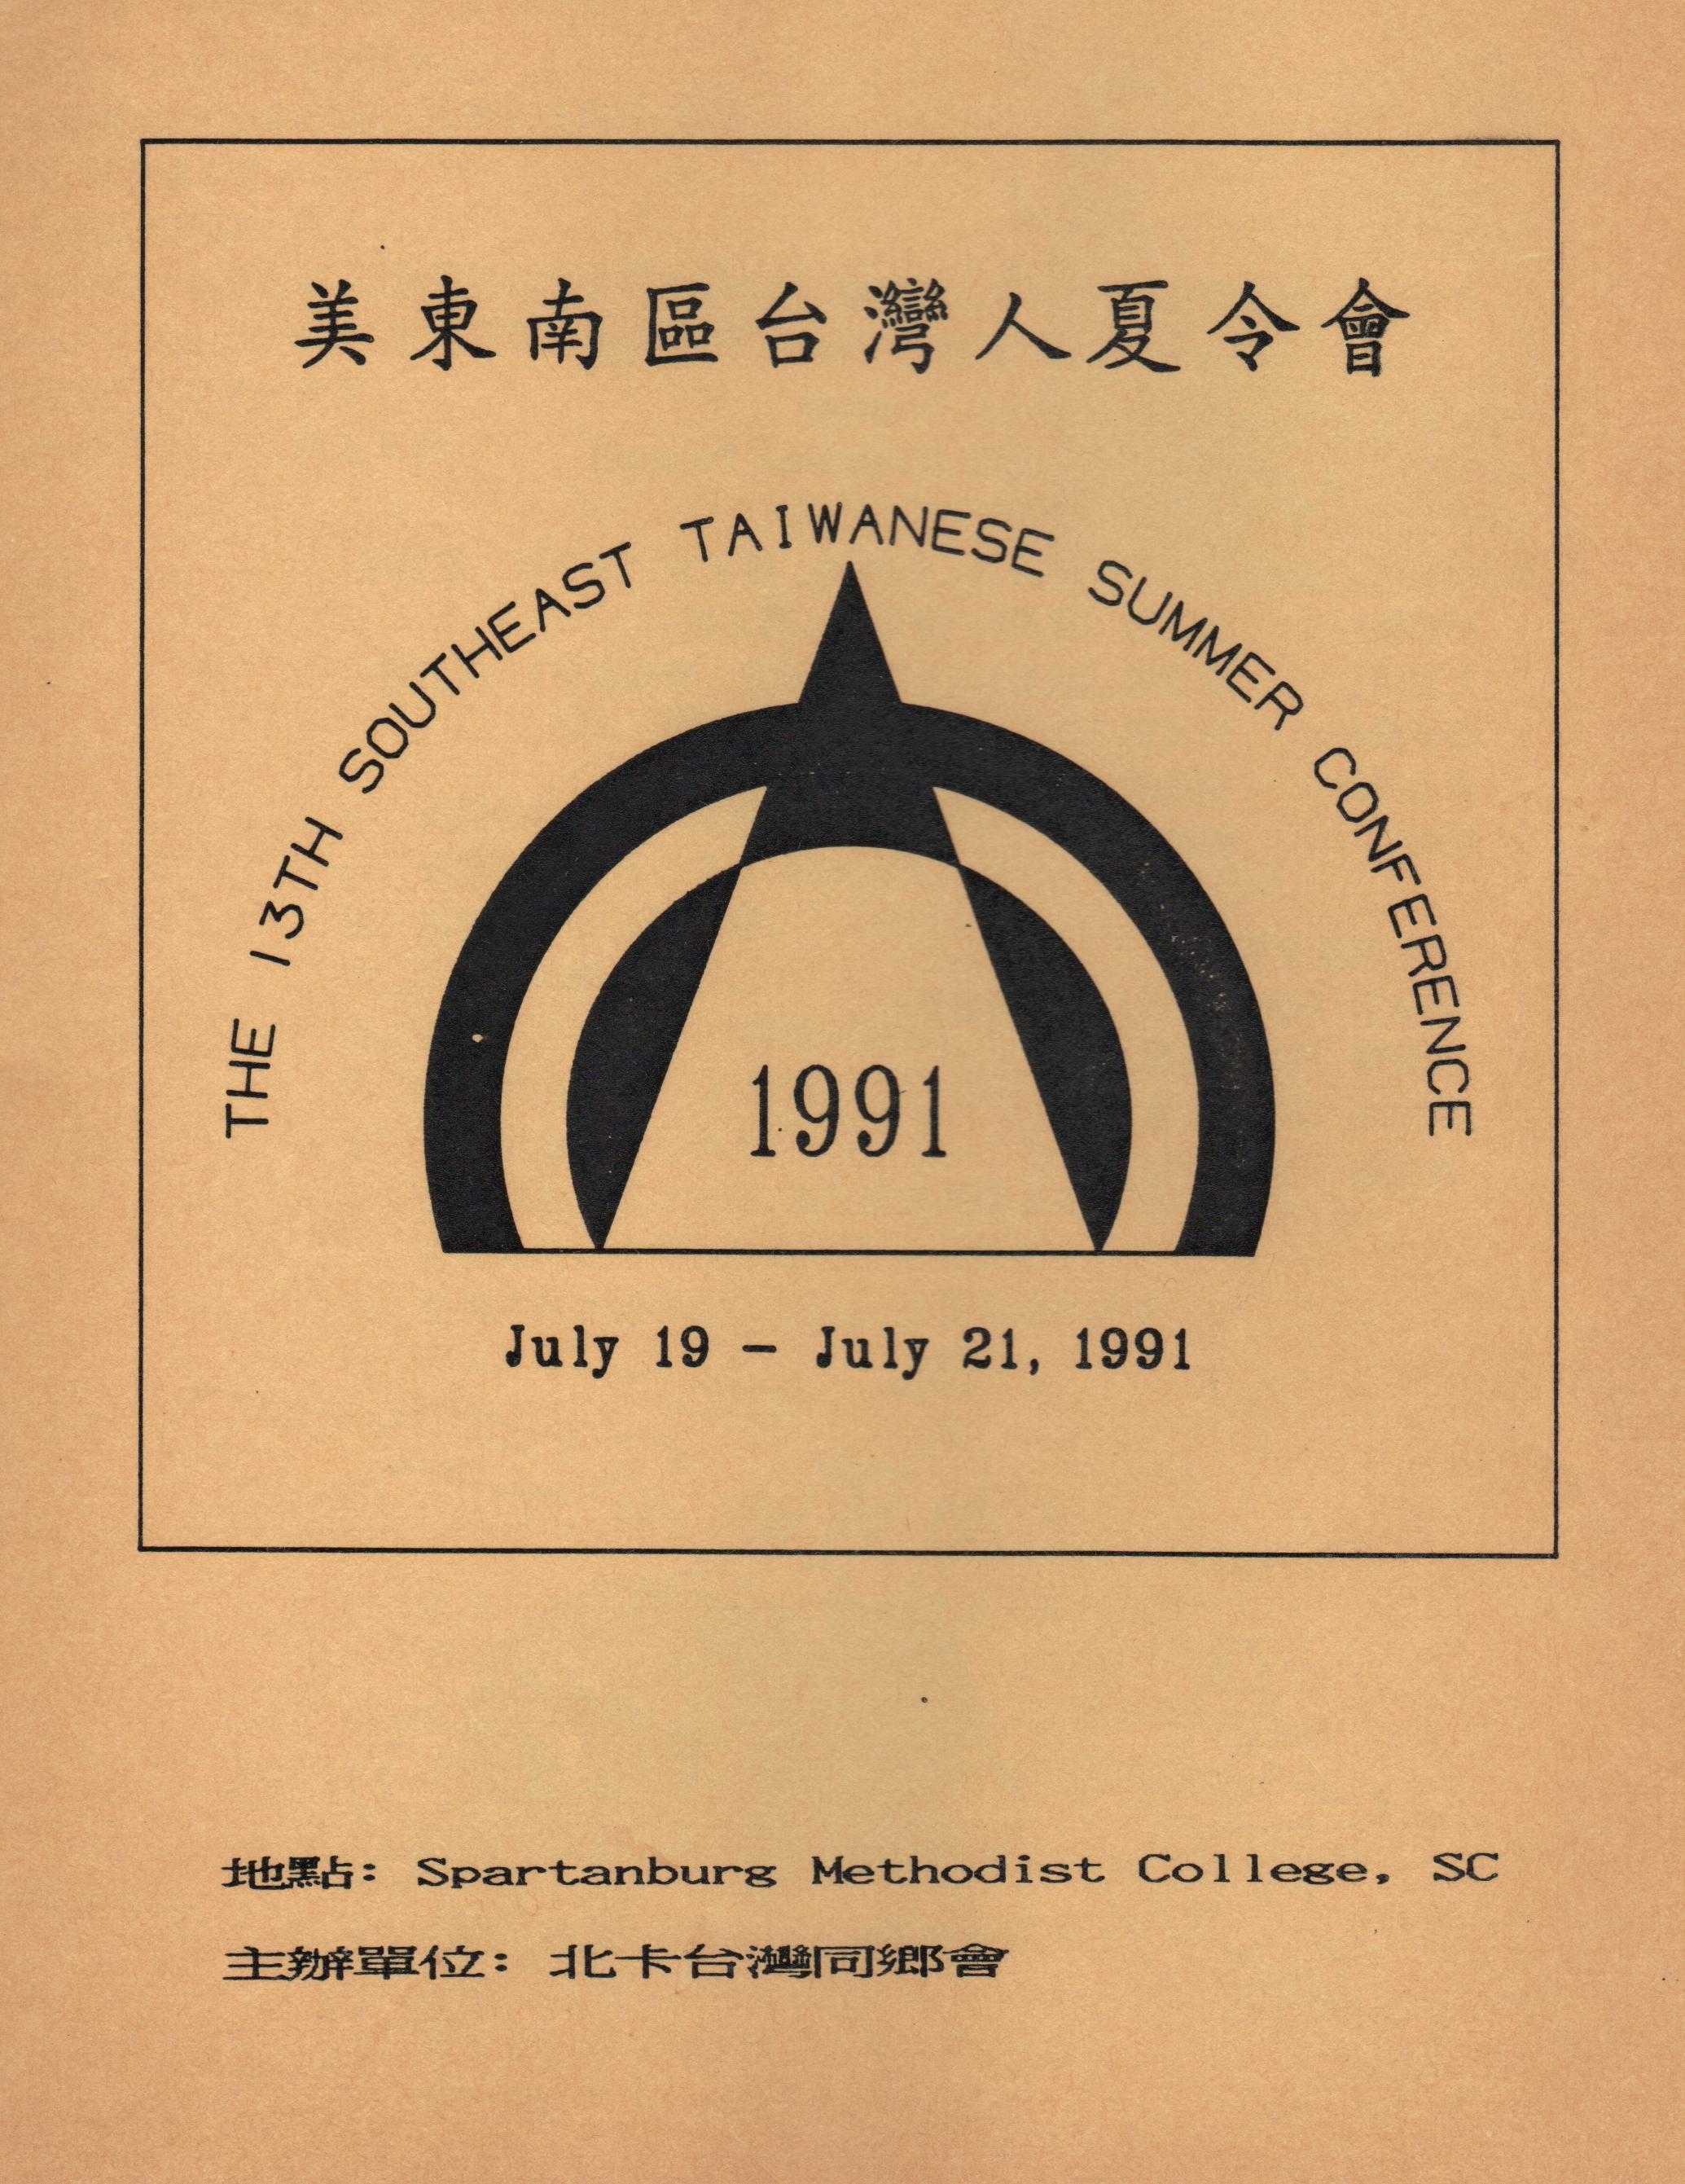 SETAA 1991